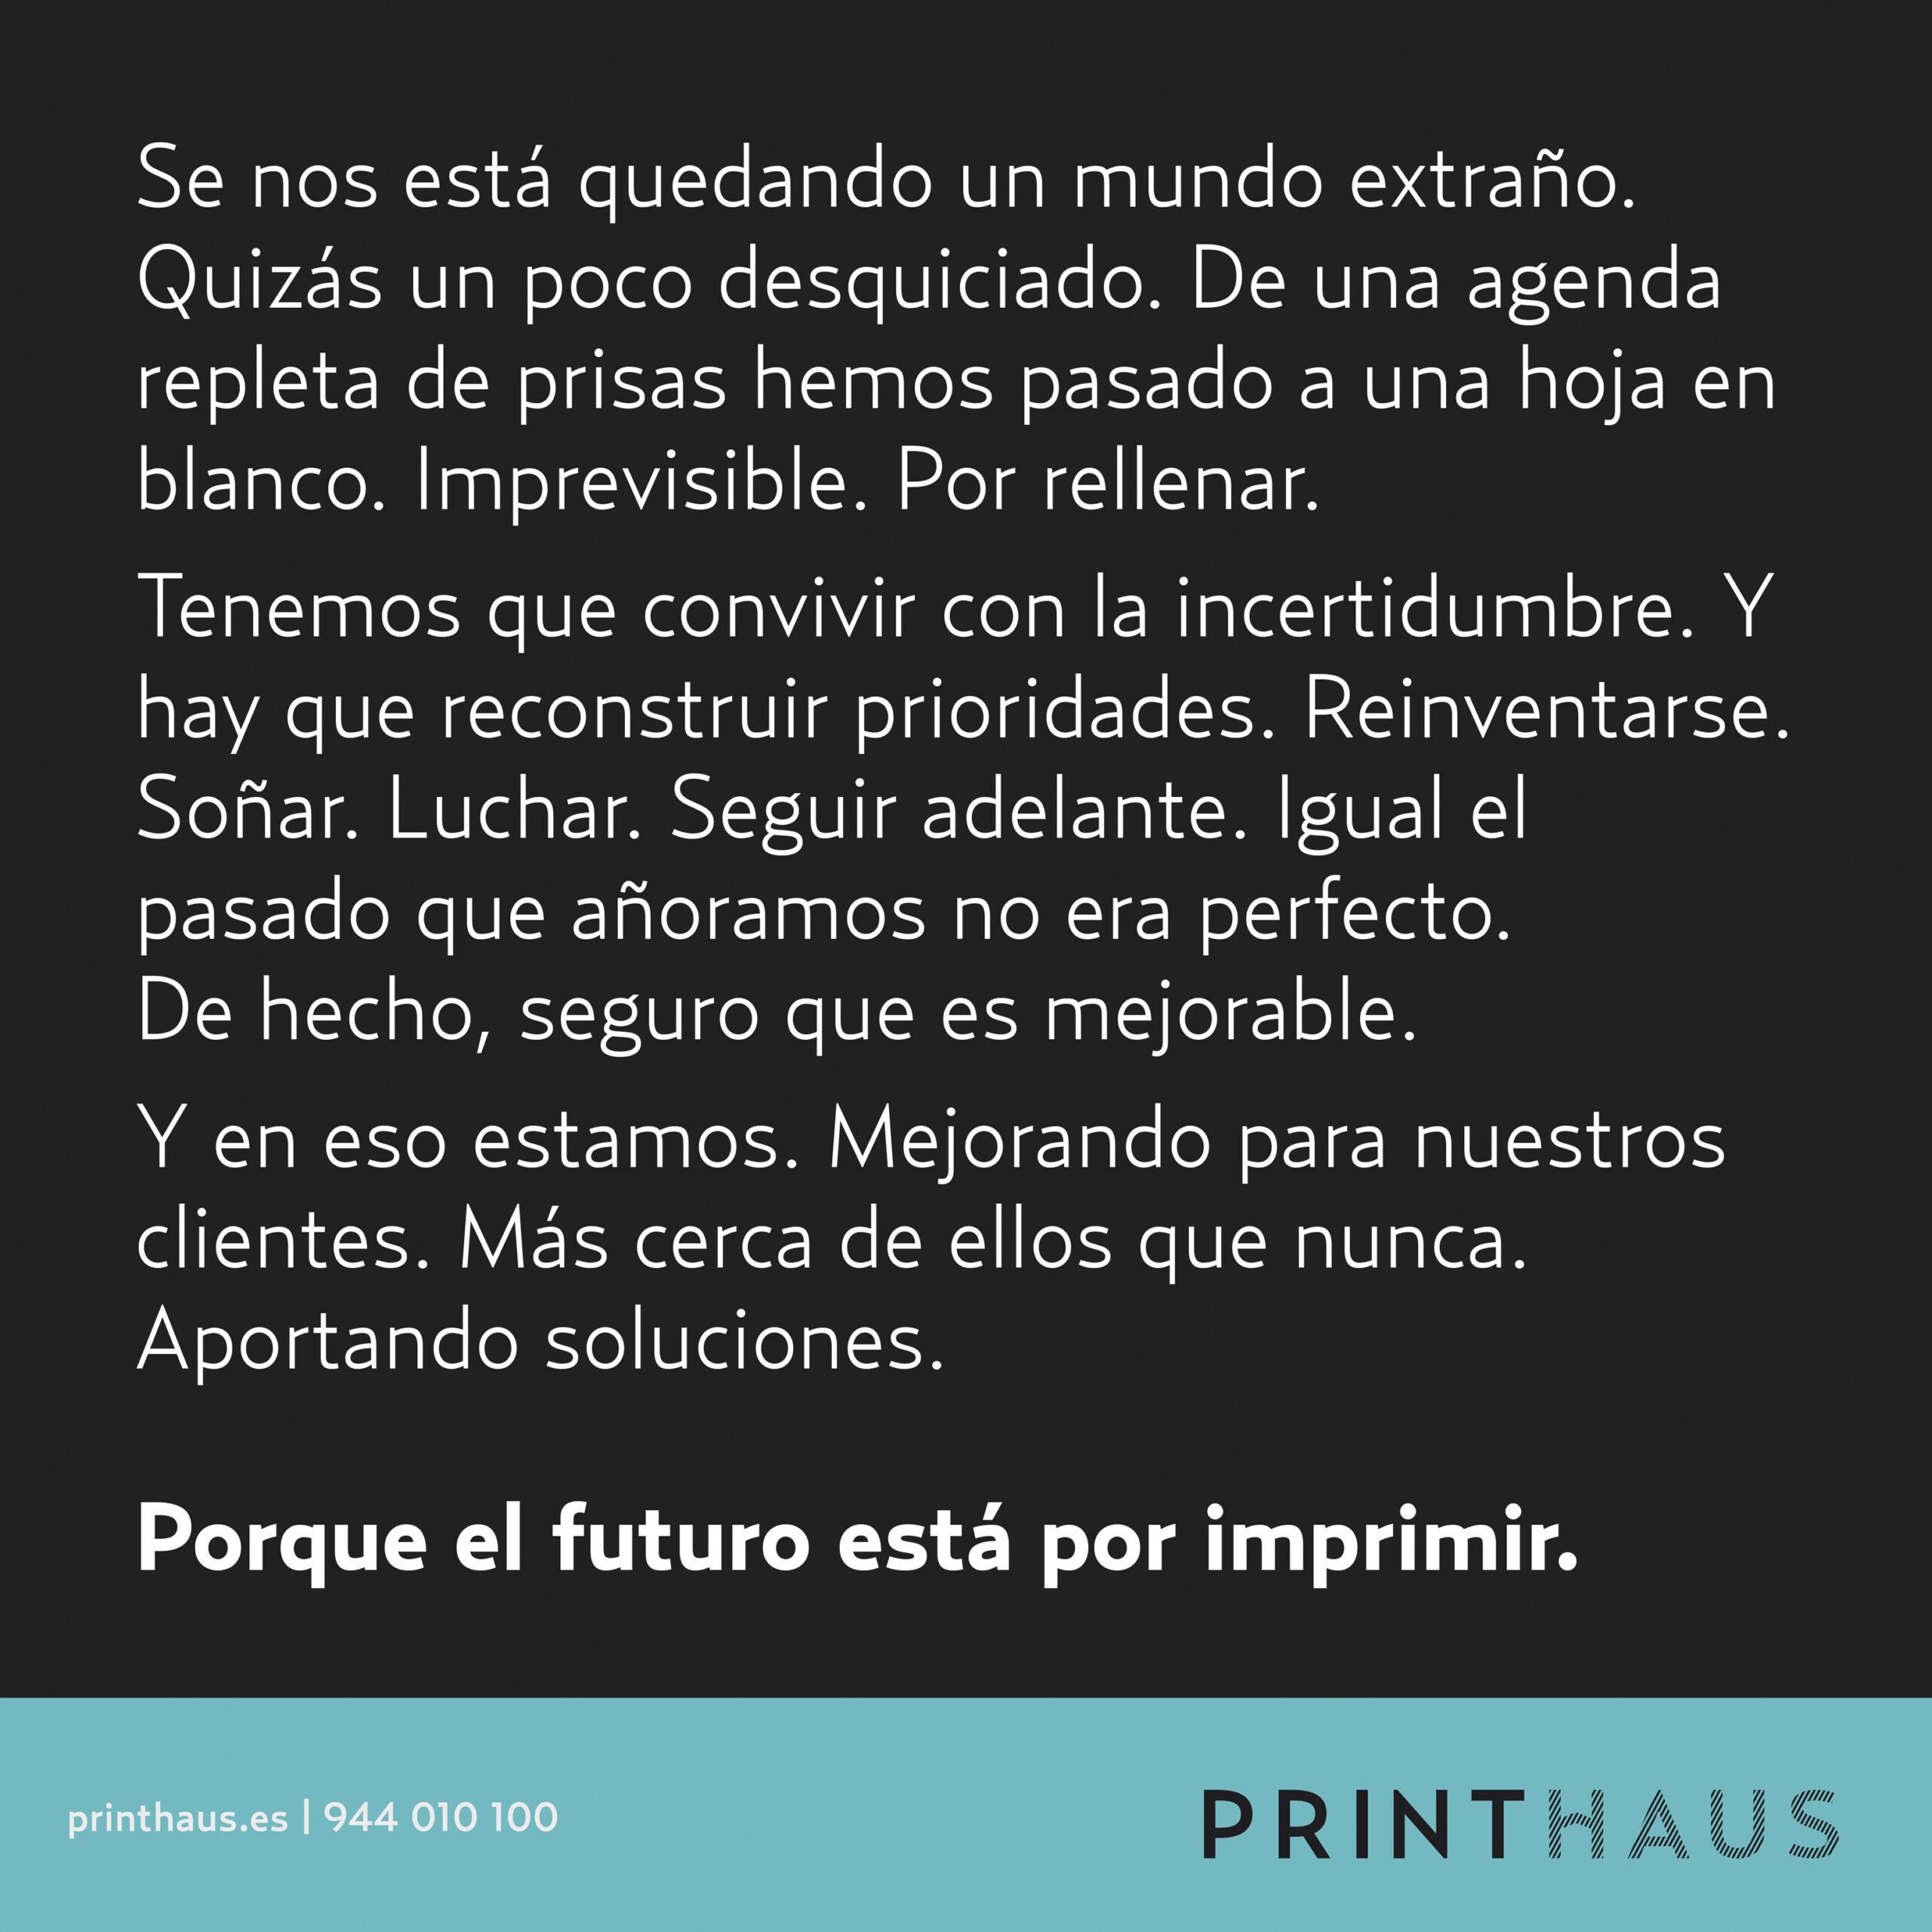 Printhaus Copy